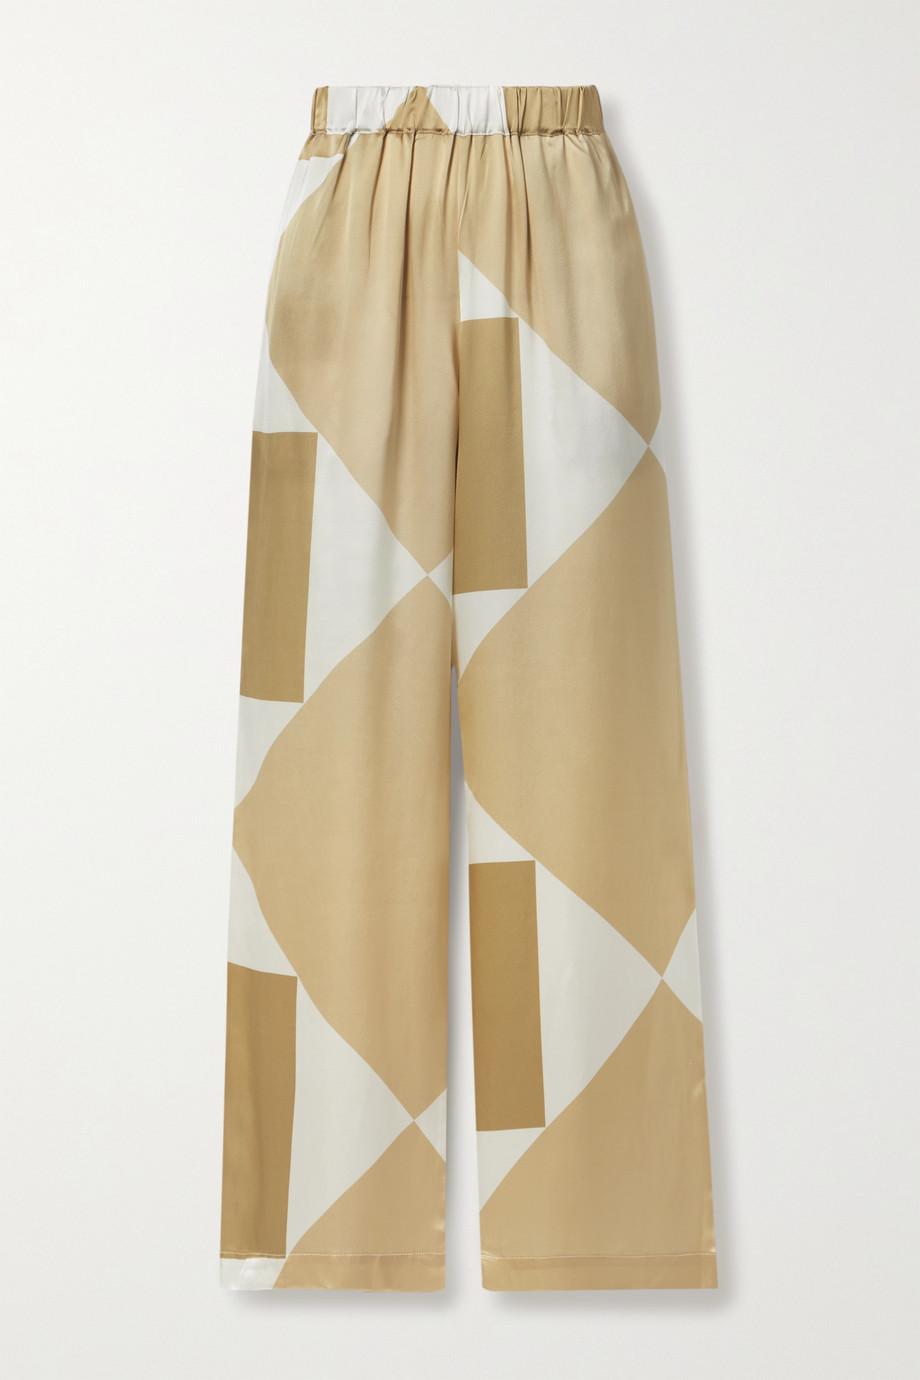 Envelope1976 Vehi printed silk-satin wide-leg pants